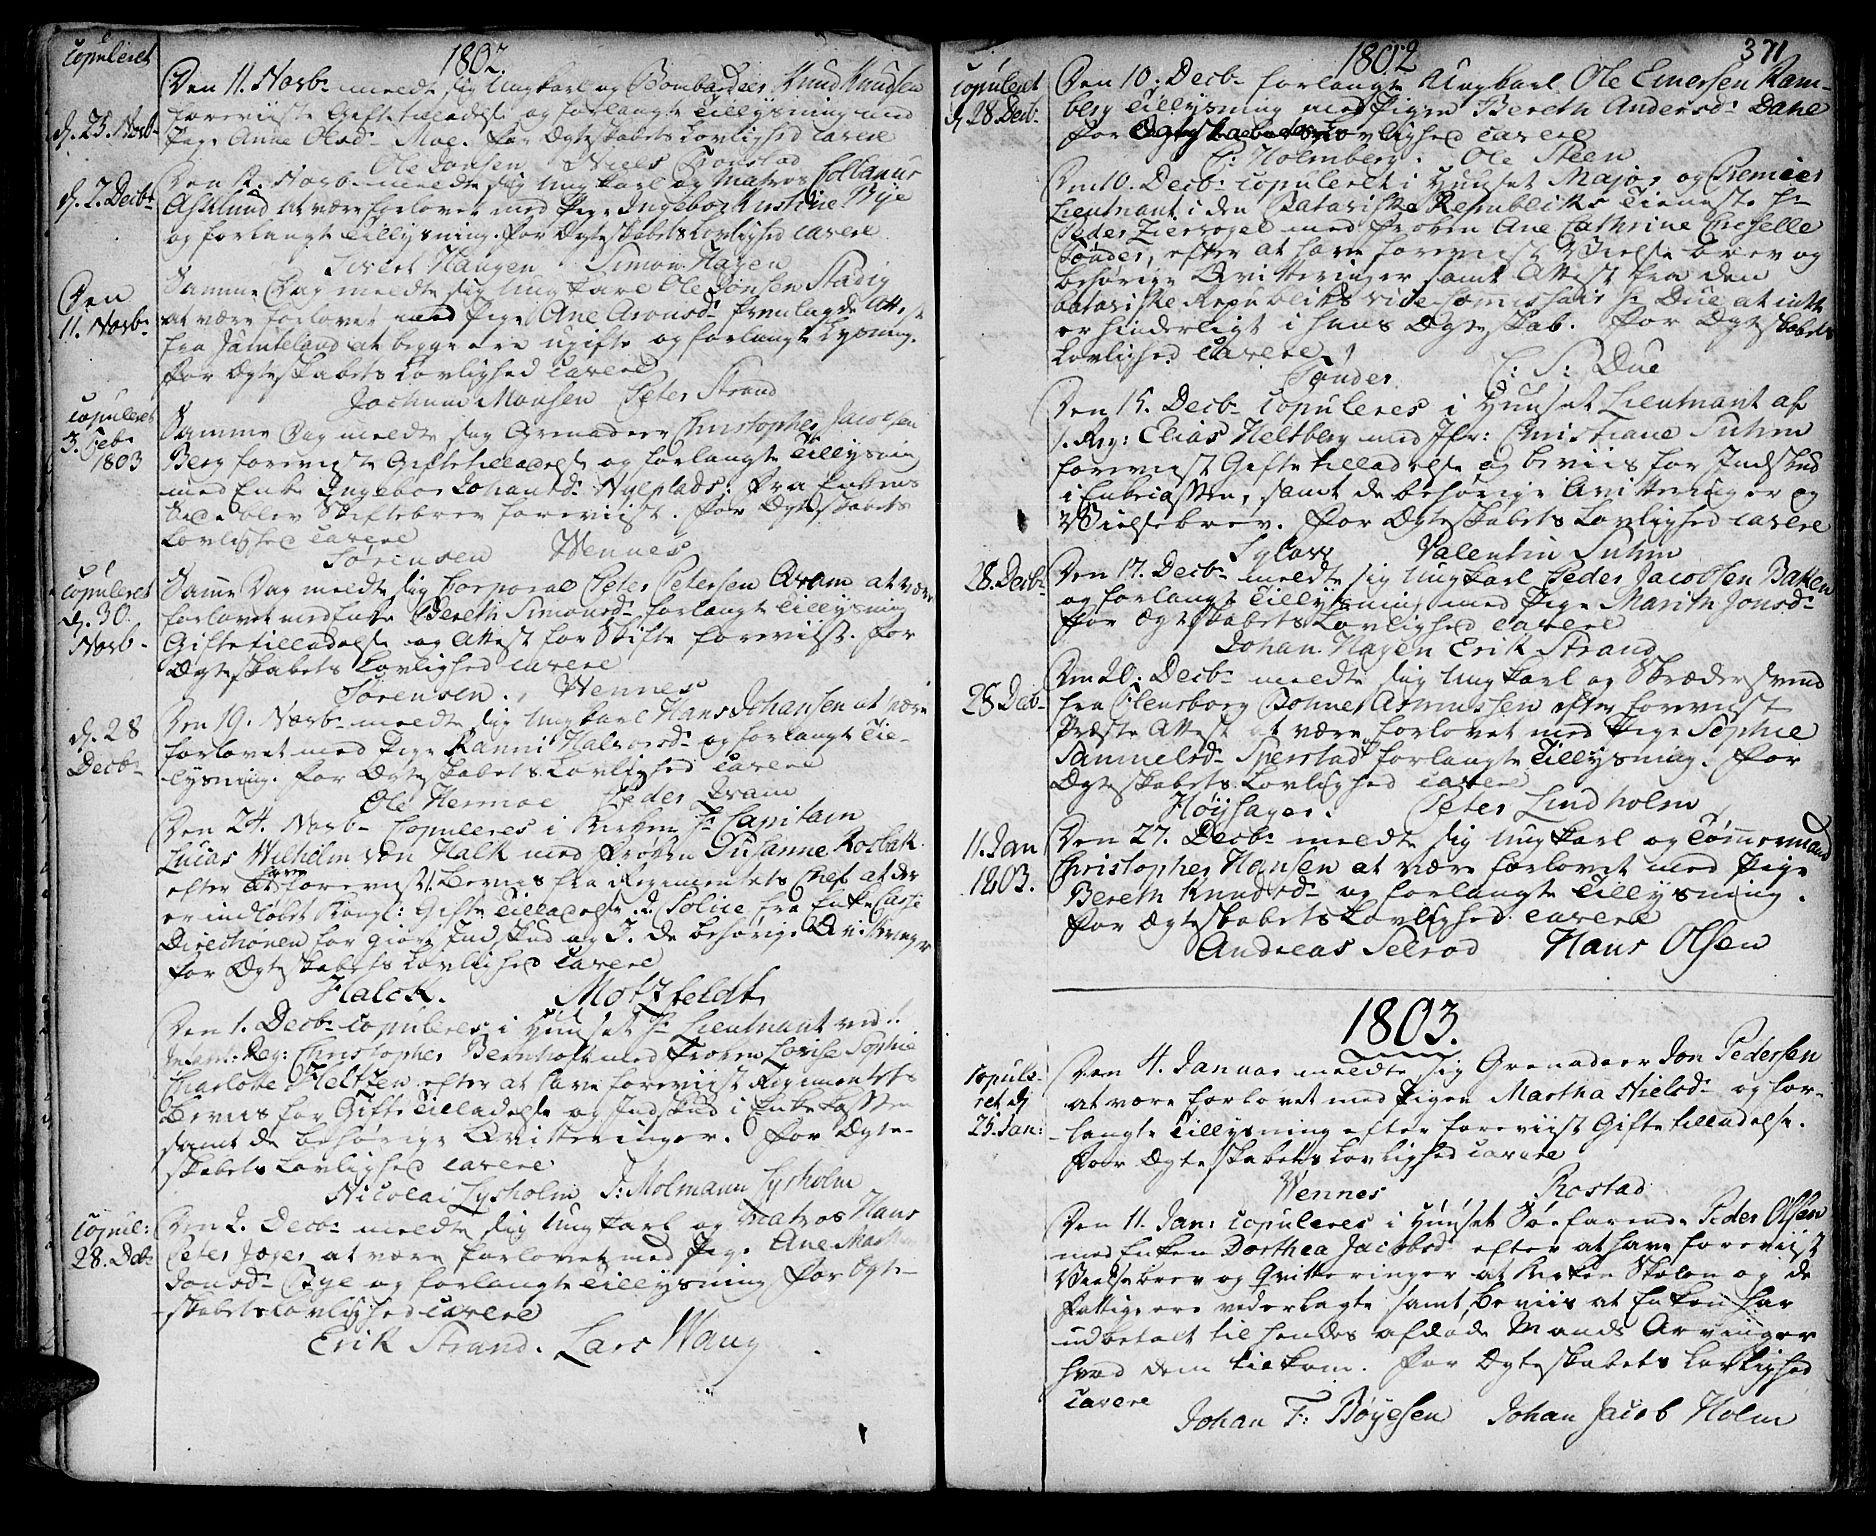 SAT, Ministerialprotokoller, klokkerbøker og fødselsregistre - Sør-Trøndelag, 601/L0038: Ministerialbok nr. 601A06, 1766-1877, s. 371